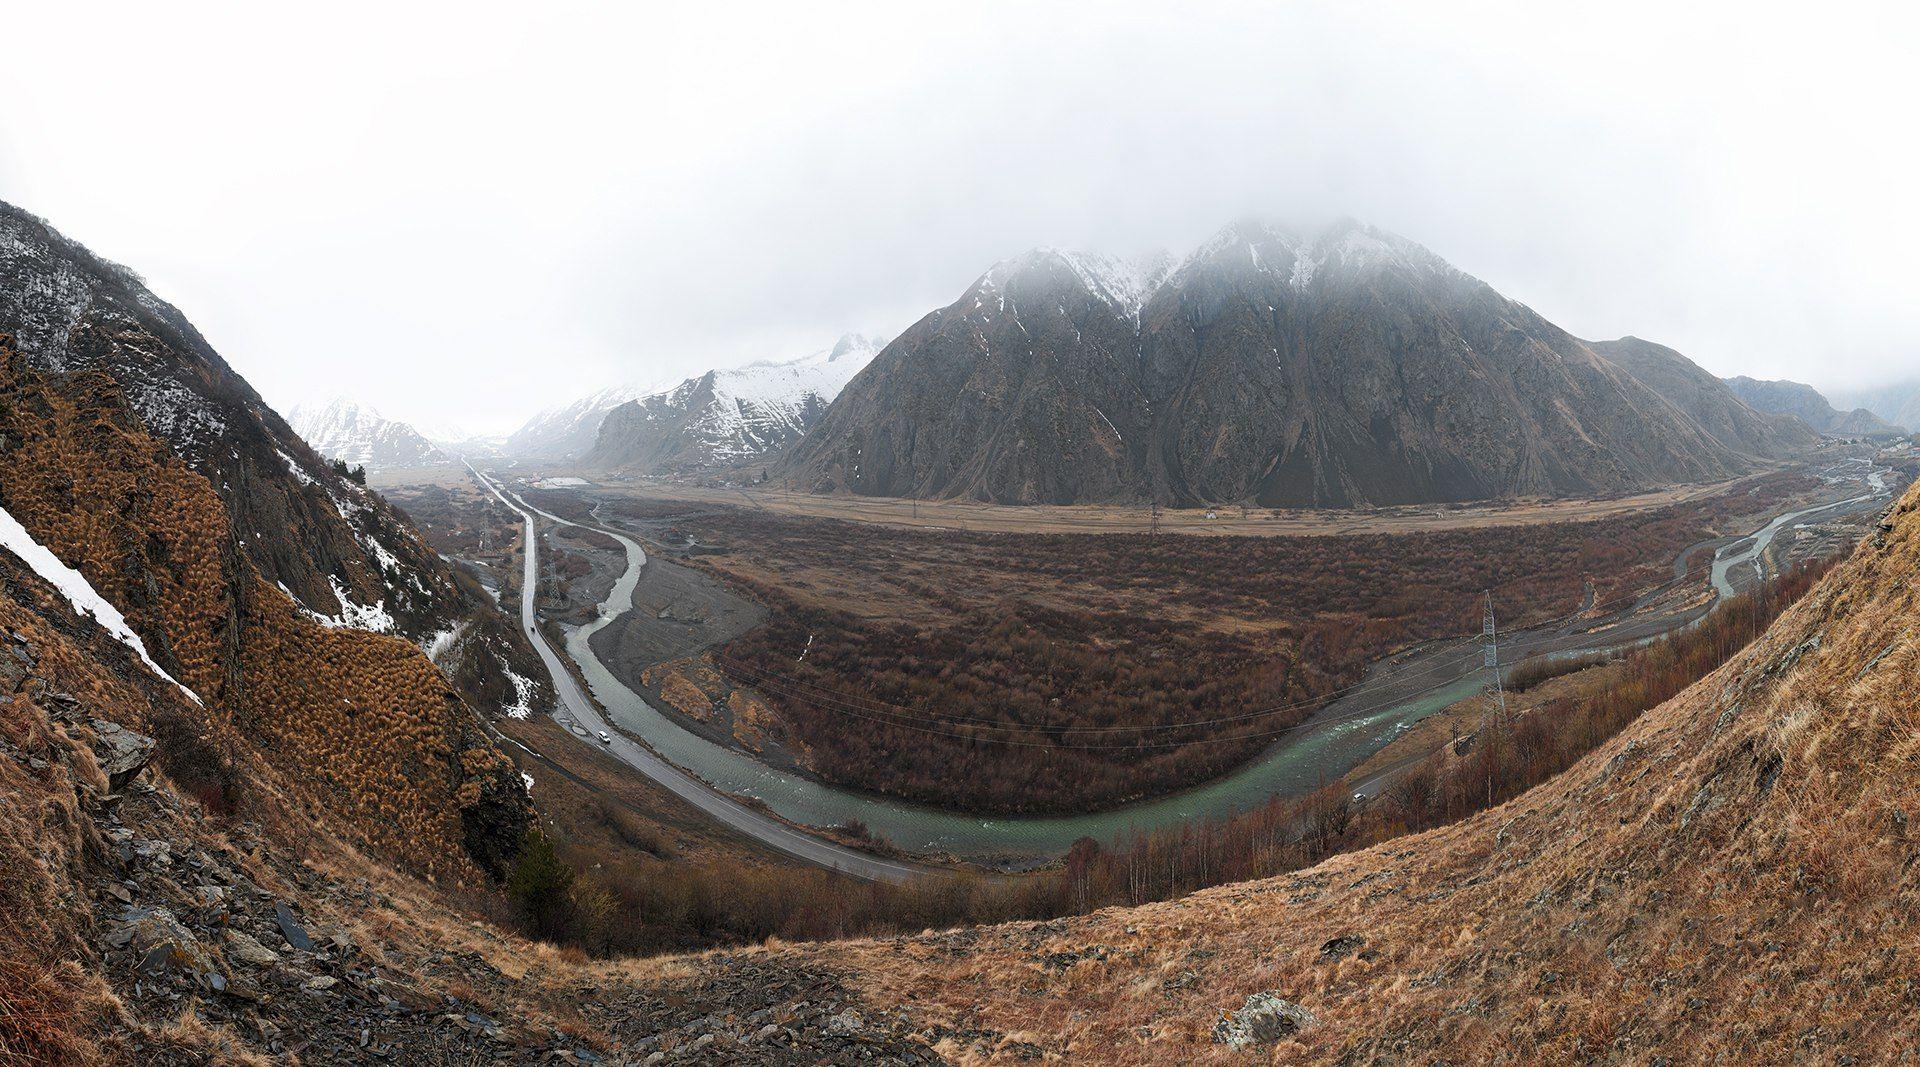 Грузия, Кавказ, Казбеги, Гудаури, горы, гора, горная река, река, весна, снег, туман, склоны, пейзаж, Харланов Никита